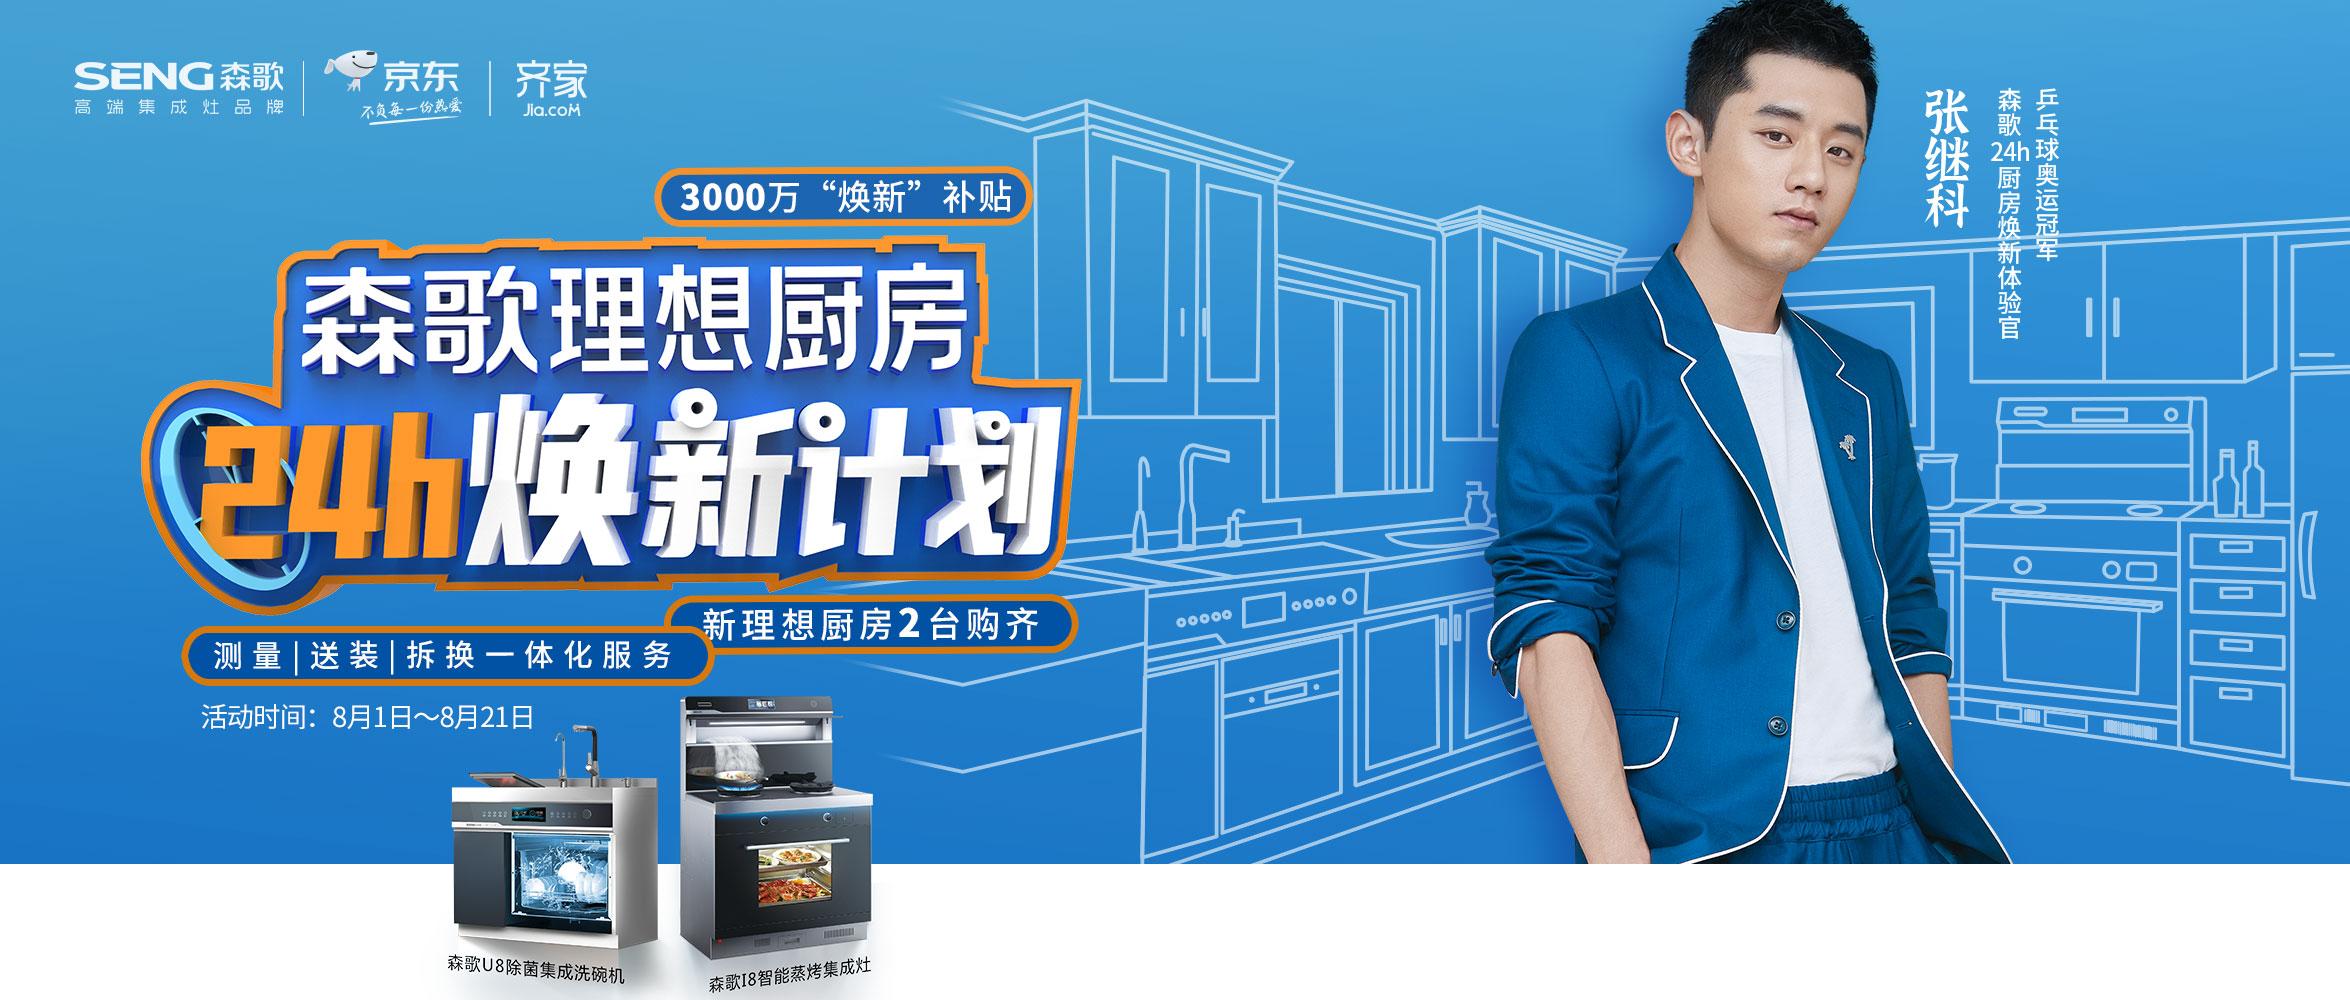 24h焕新理想厨房,森歌全面进军万亿旧改蓝海